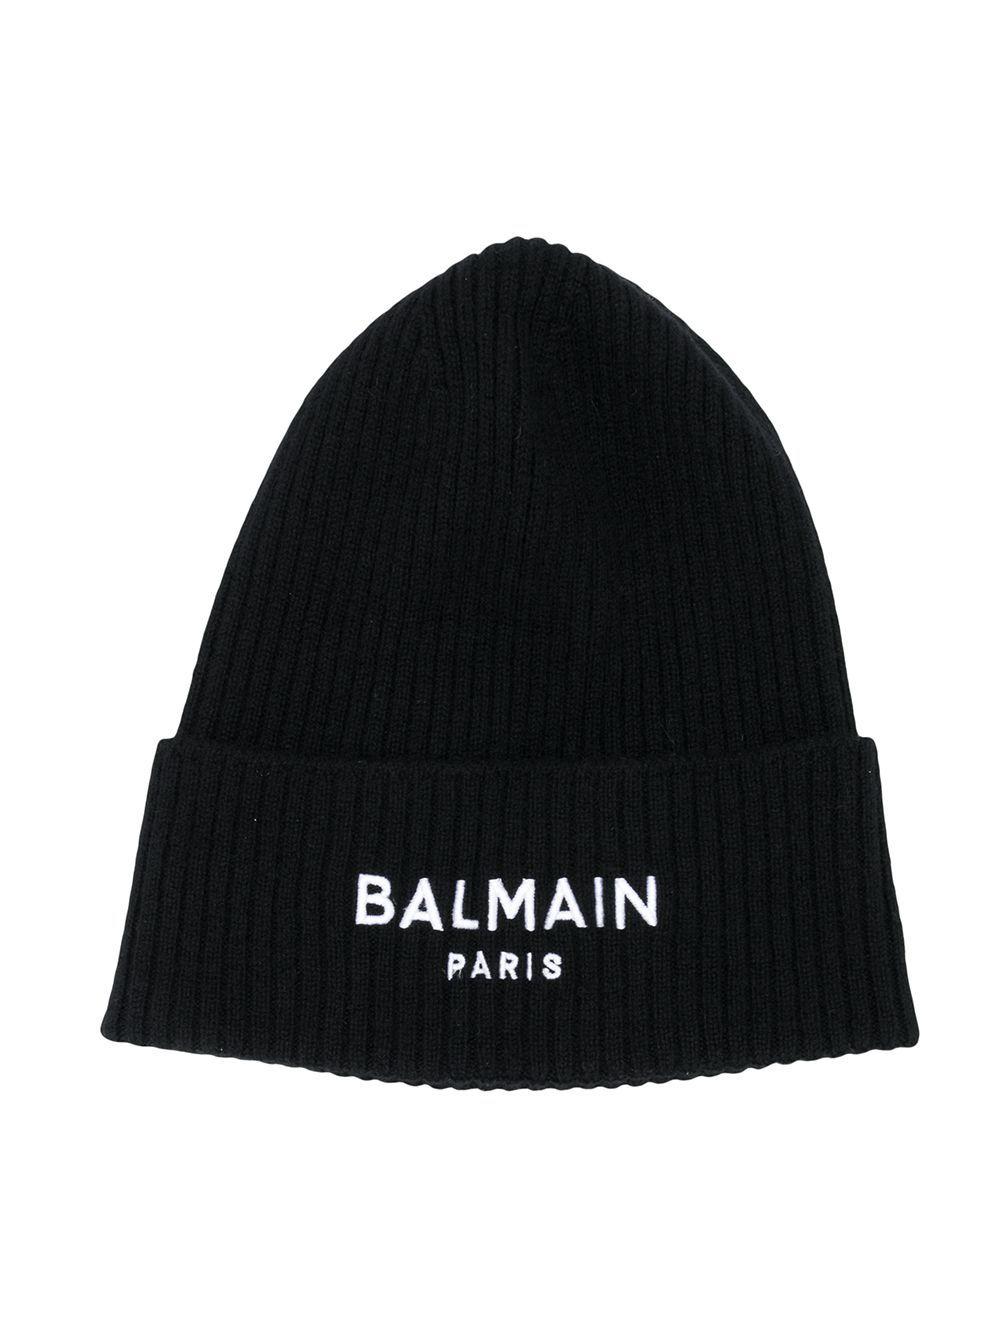 6N0687.930 BLACK BALMAIN ACCESSORIES